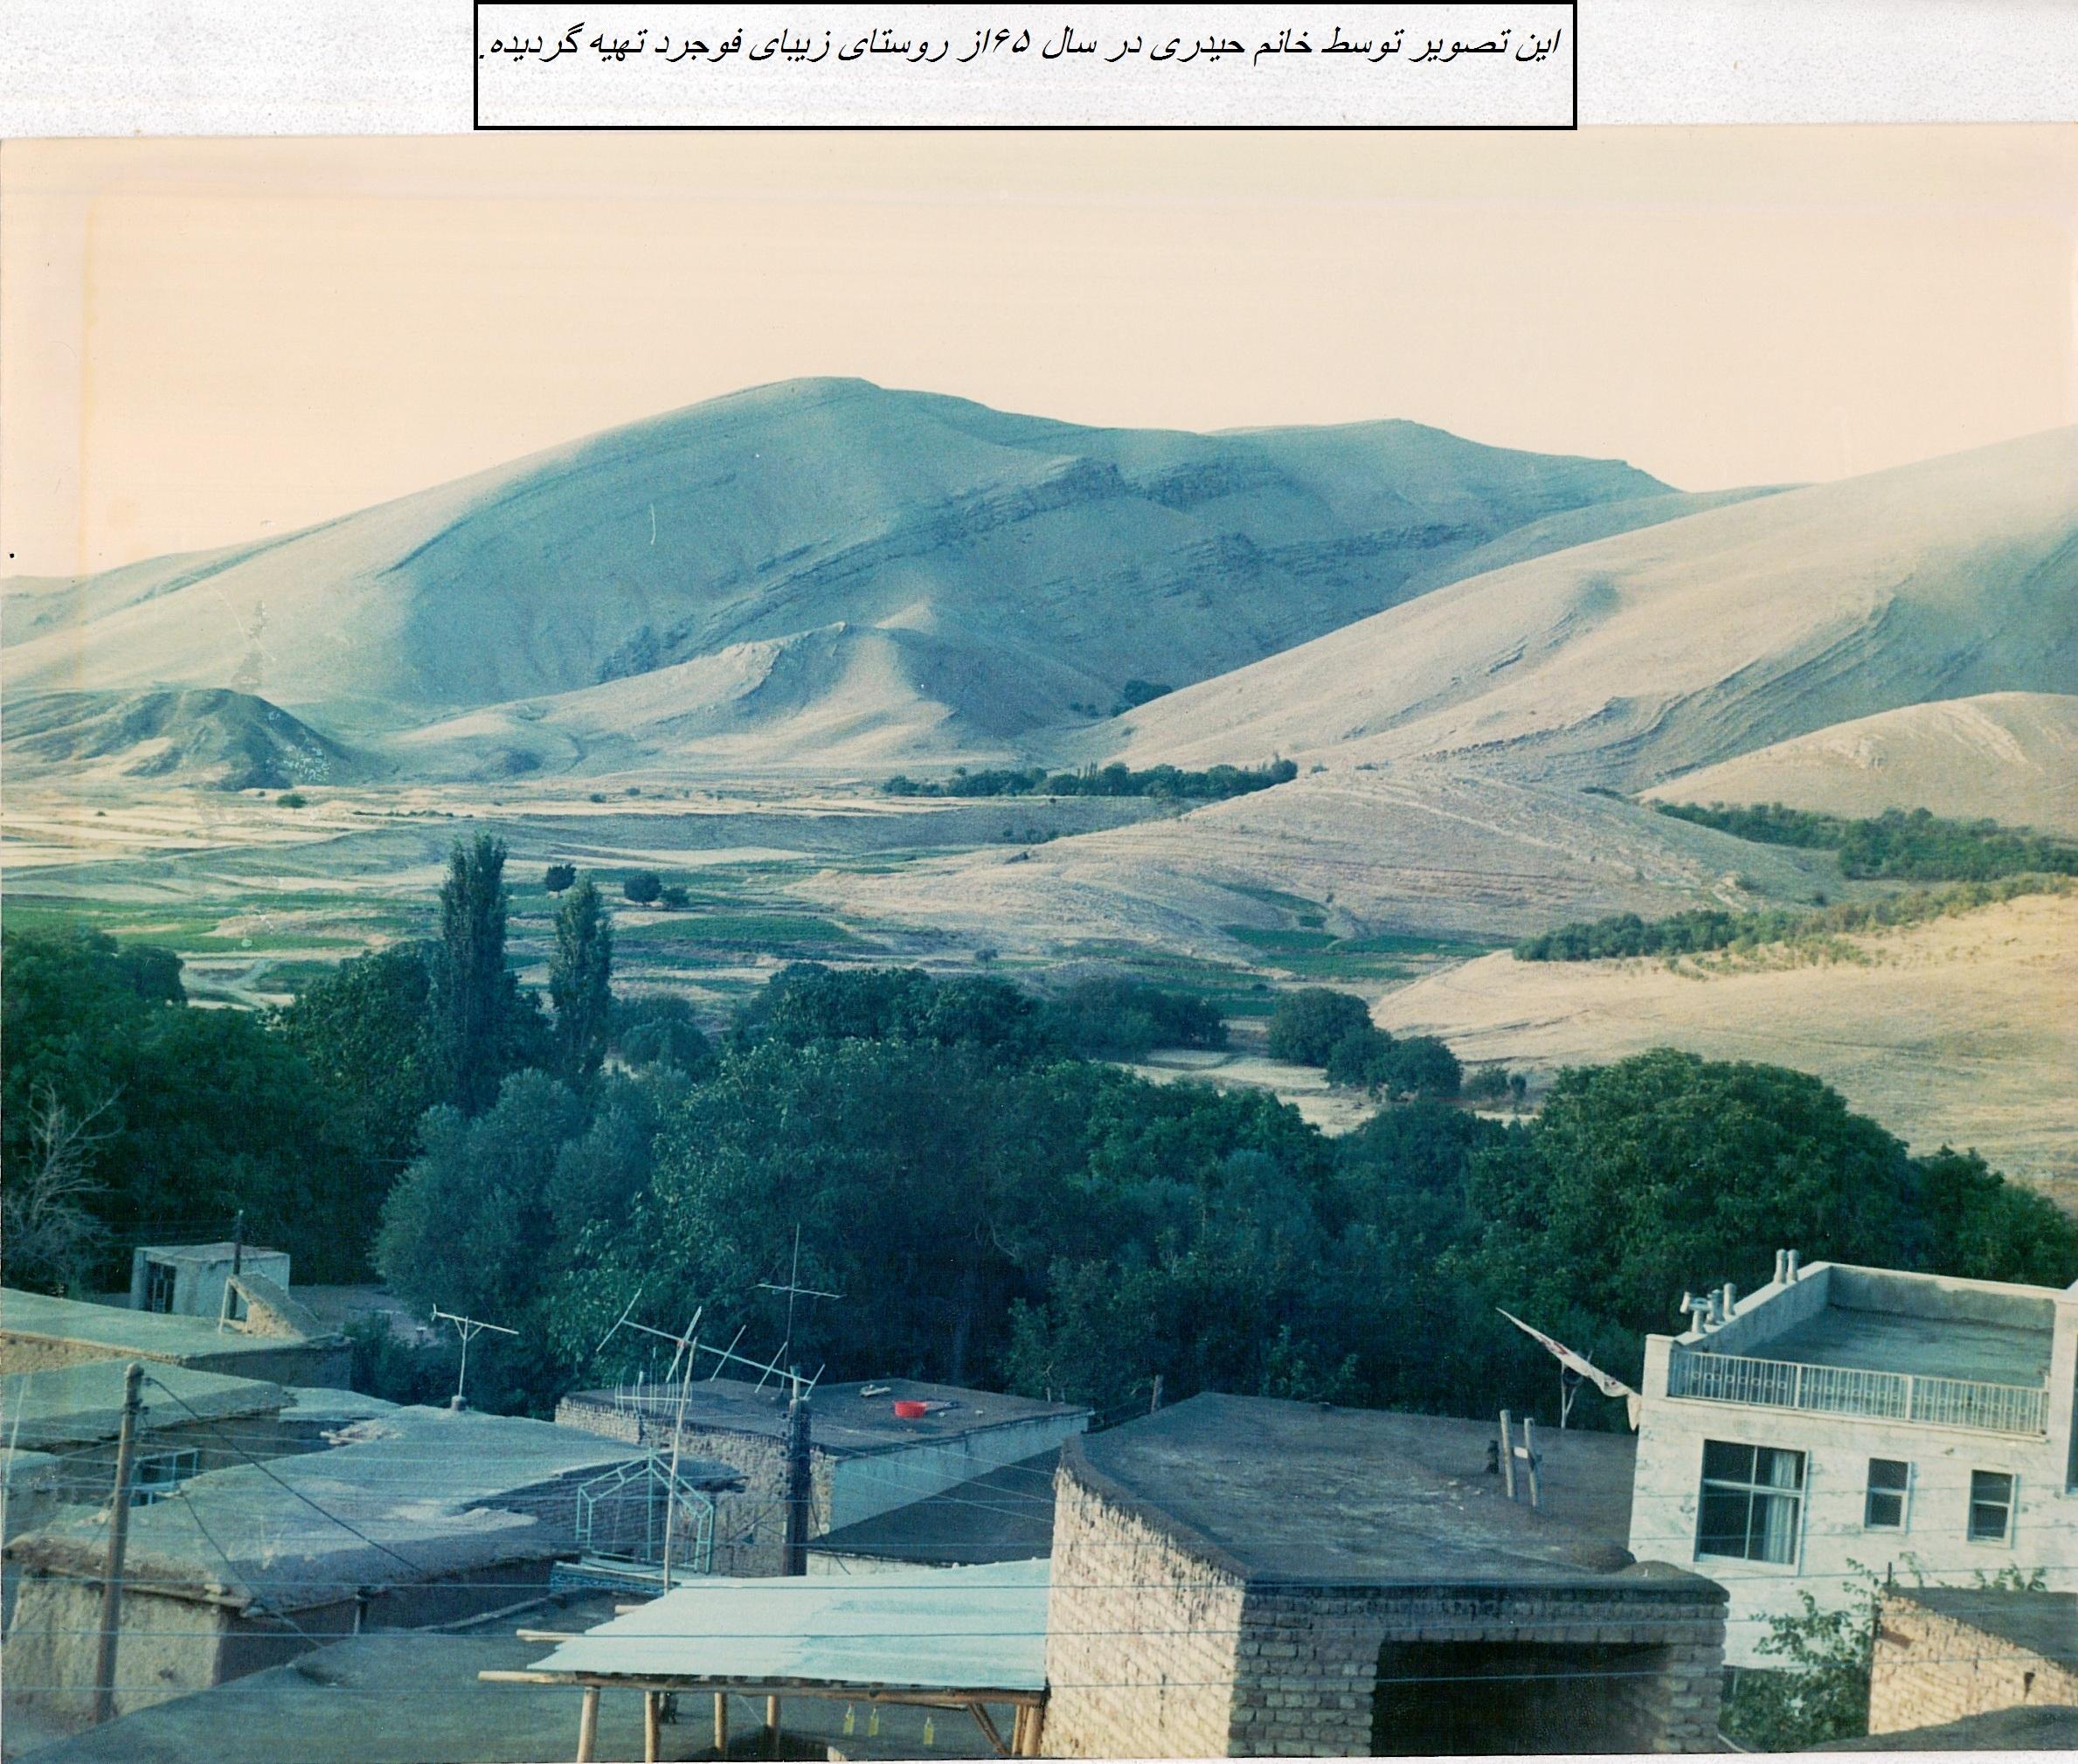 قم،منطقه خلجستان،روستای زیبای فوجرد.تابستان 1365